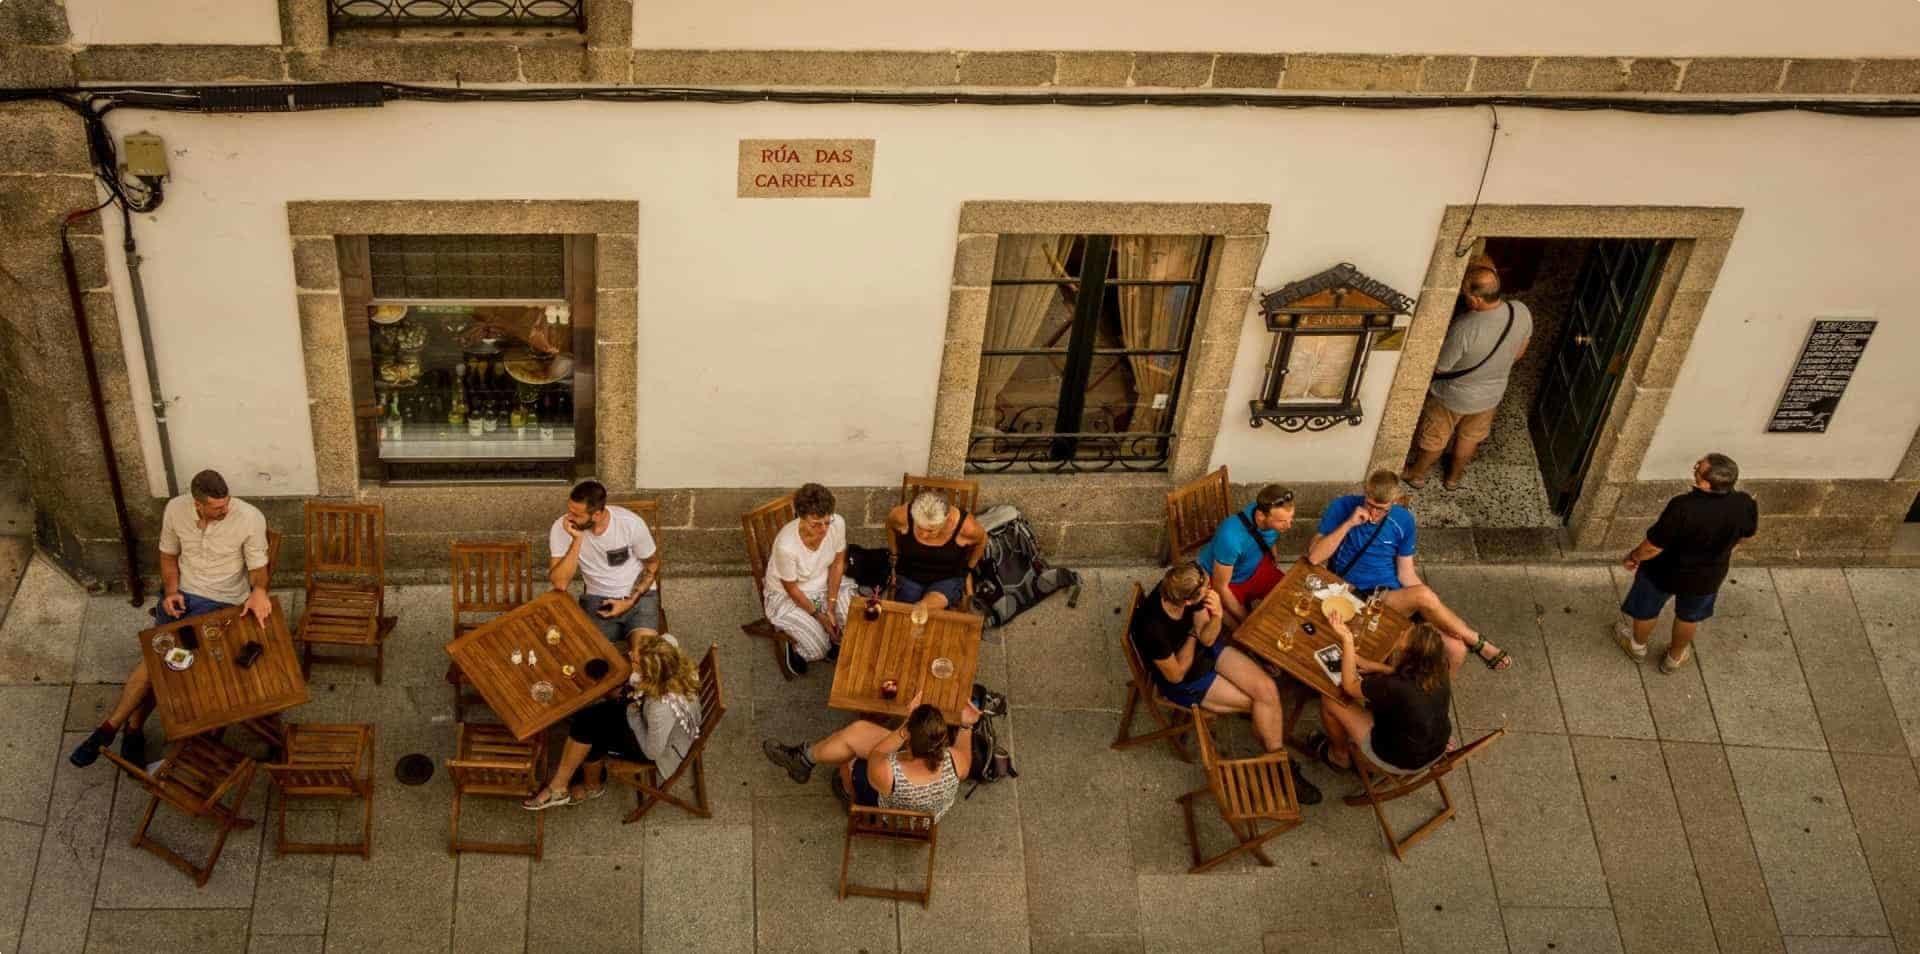 Santiago de Compostela is a famous pilgrimage destination.